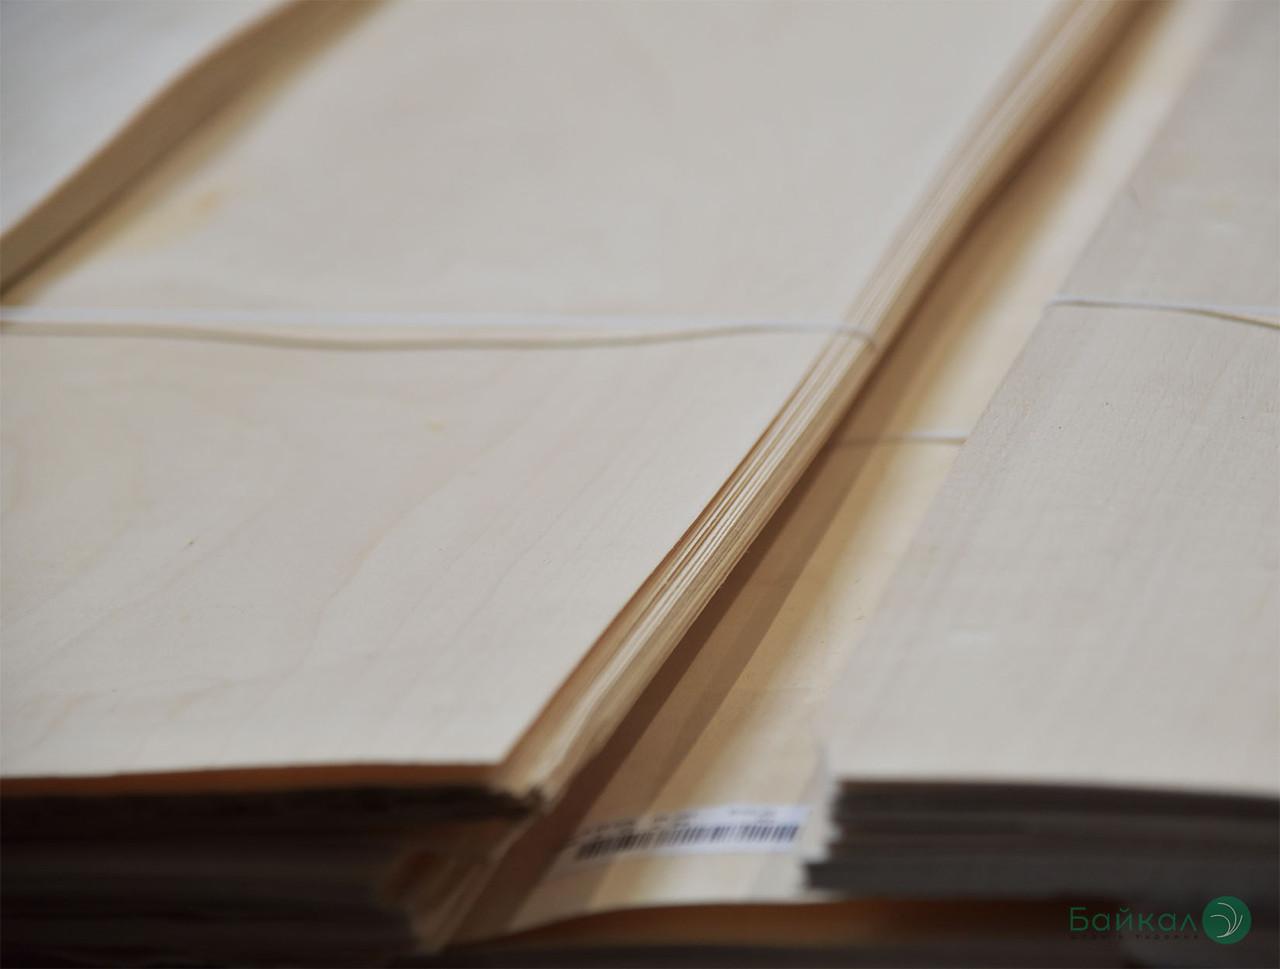 Шпон Клену (Україна)  - 0,6 мм - довжина від 0,80 - 2,05 м+/ ширина від 10 см ( I сорт)